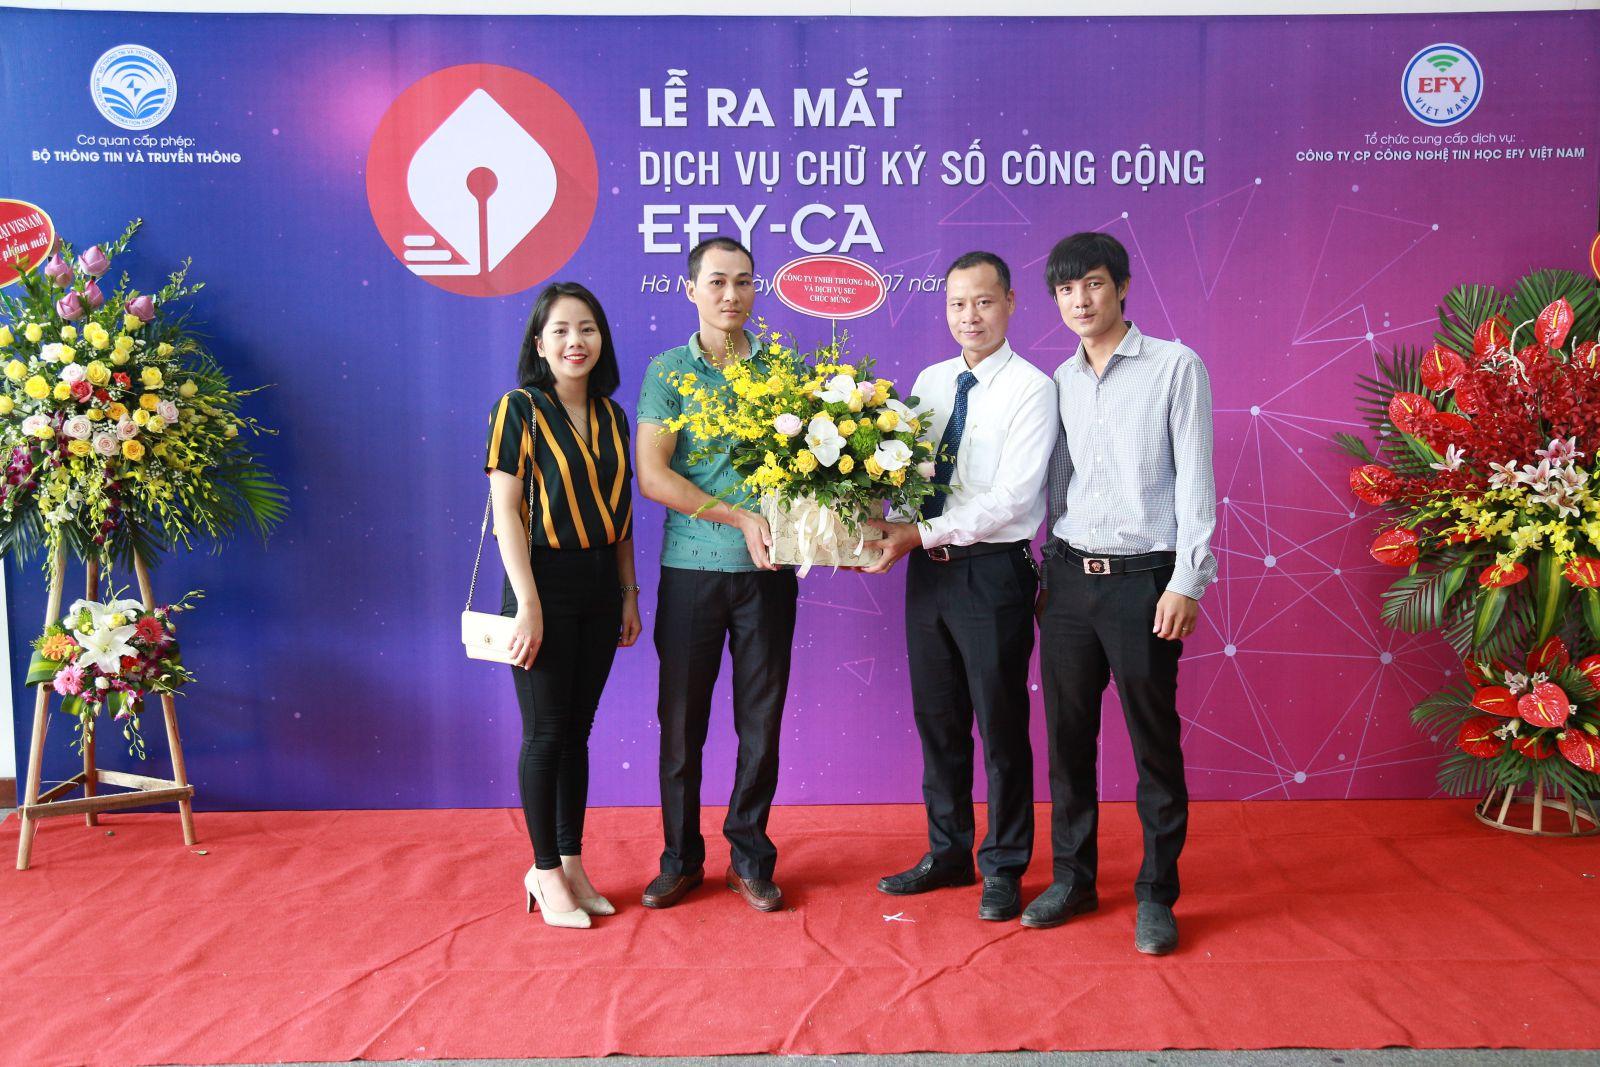 EFY Việt Nam chính thức ra mắt dịch vụ chữ ký số công cộng